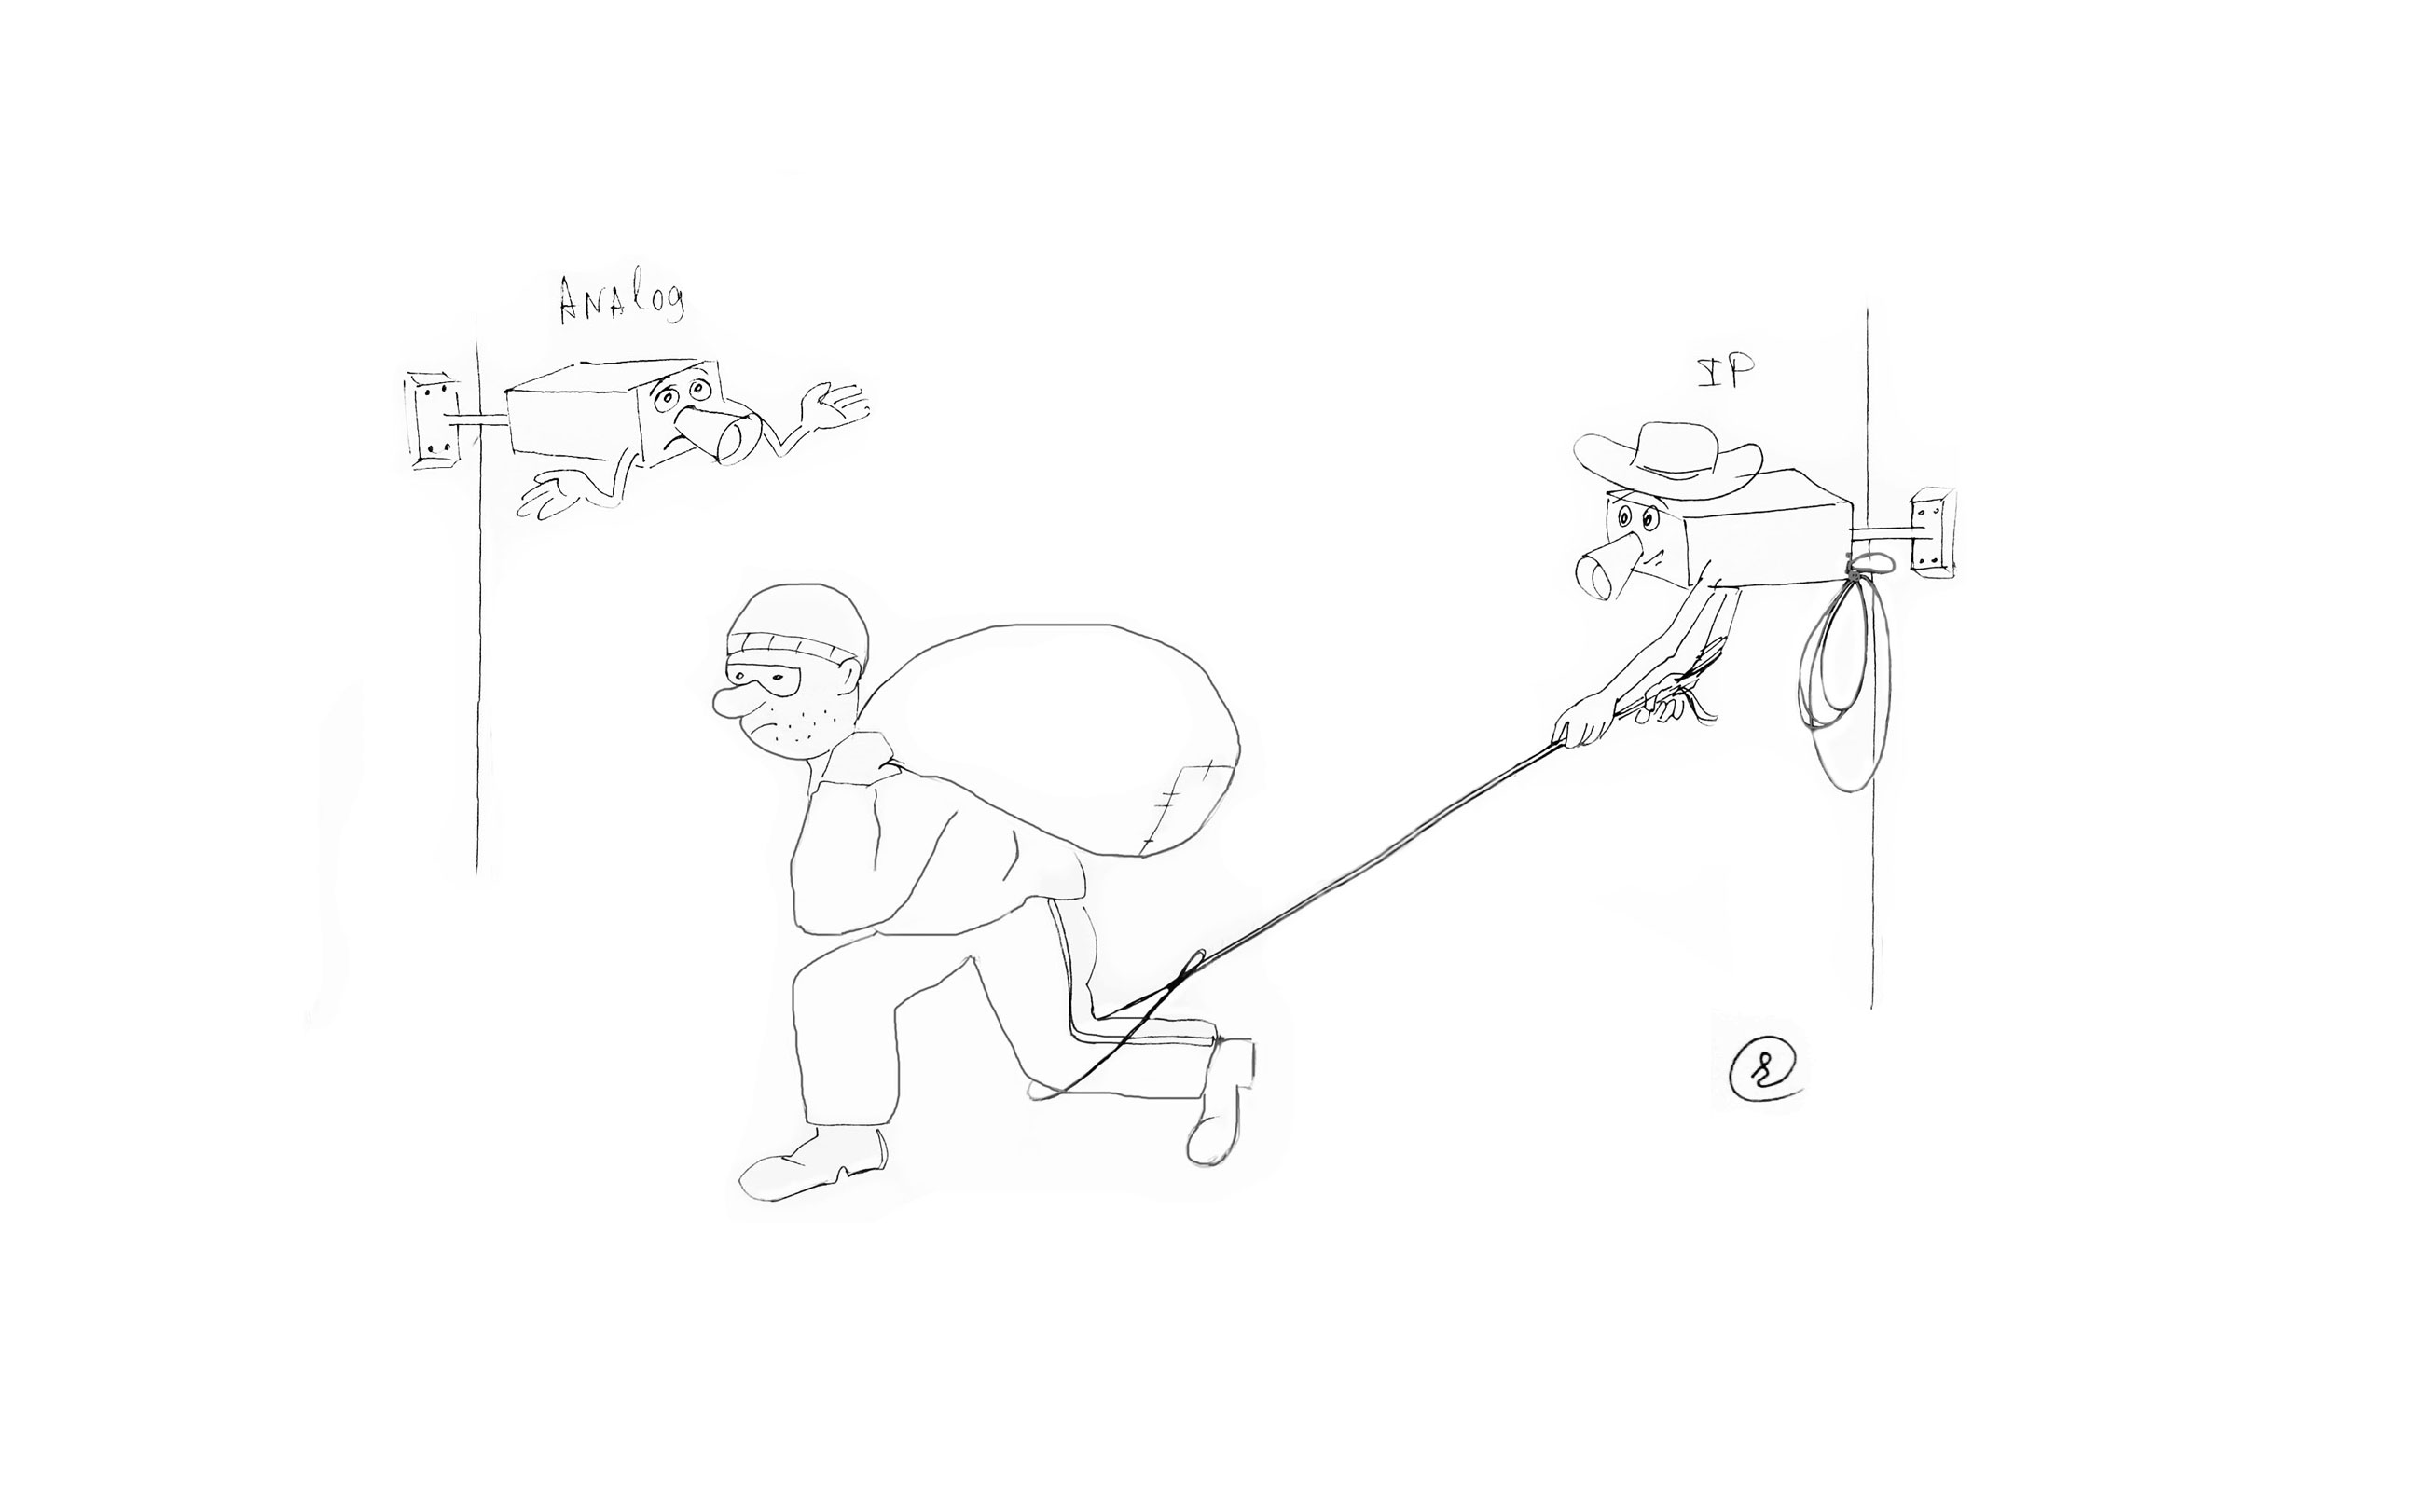 Две камеры видеонаблюдения снимают вора с мешком краденного . Первая - аналоговая - пожимает плечами. Вторая IP - кидает лассо на ногу грабителя.